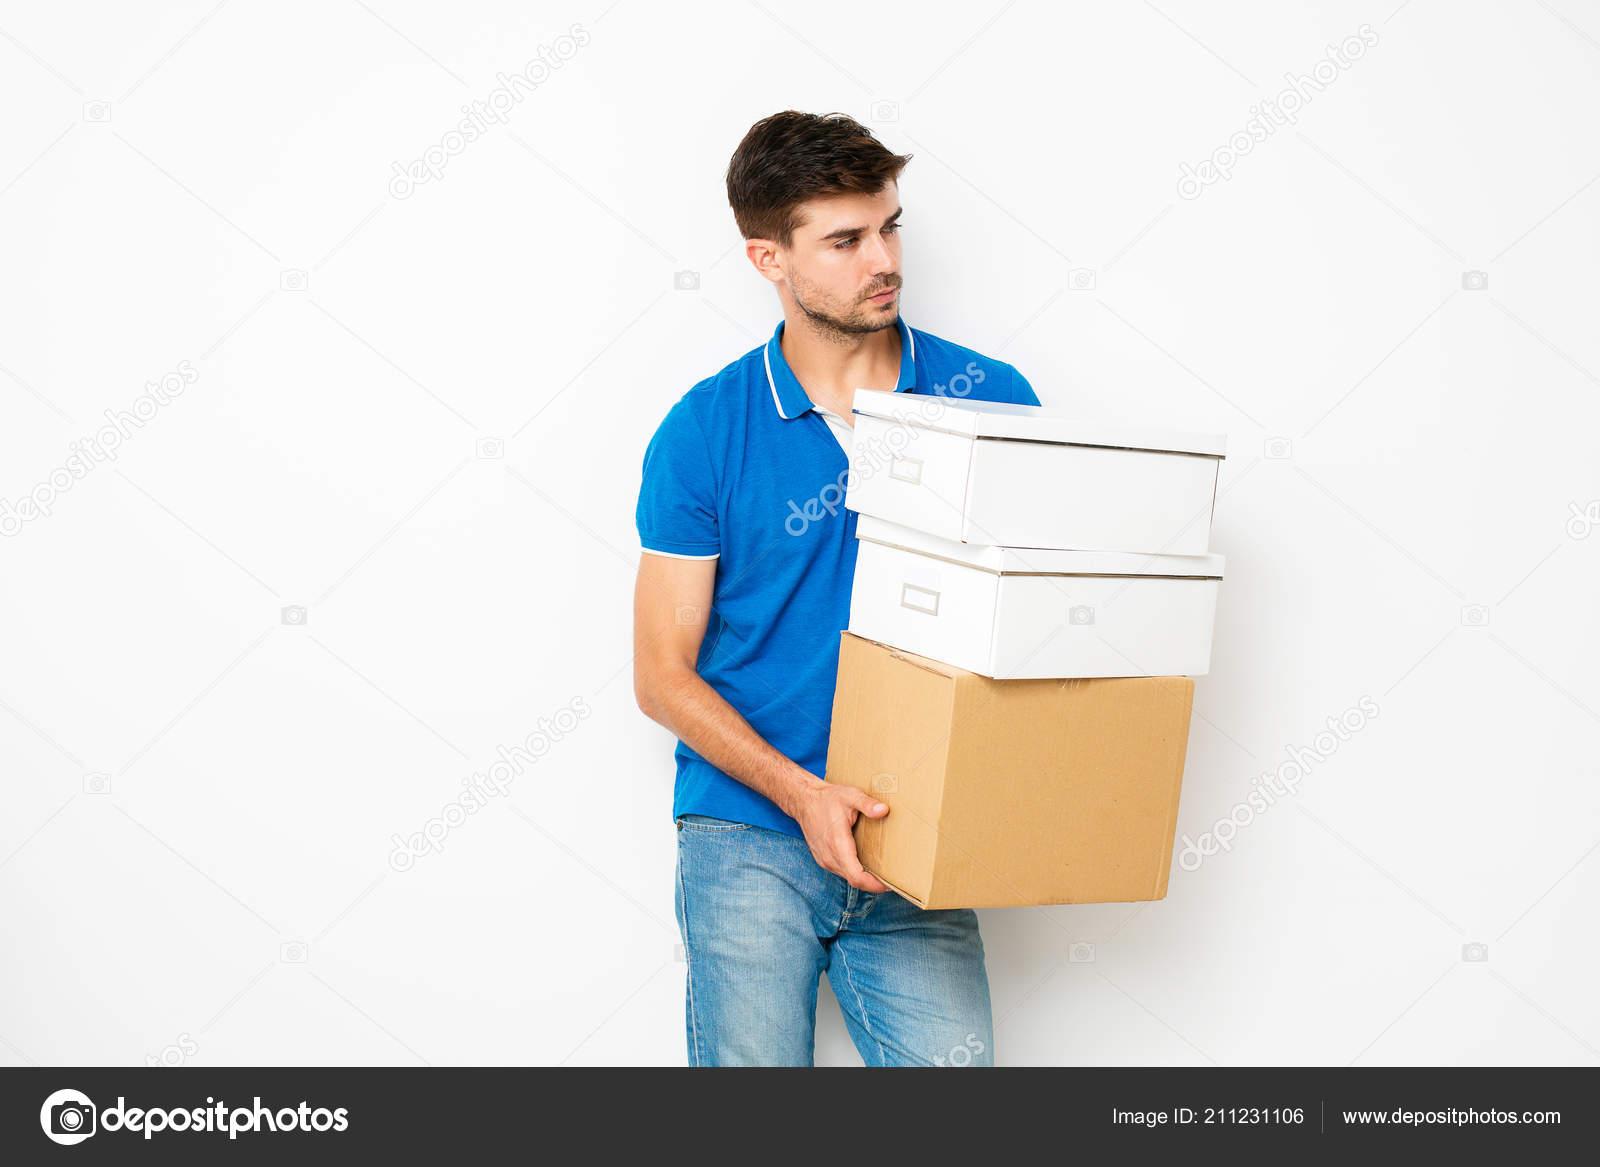 a7b0cf37f47 Молодой Человек Синей Рубашке Переезд Новое Место Личные Вещи ...